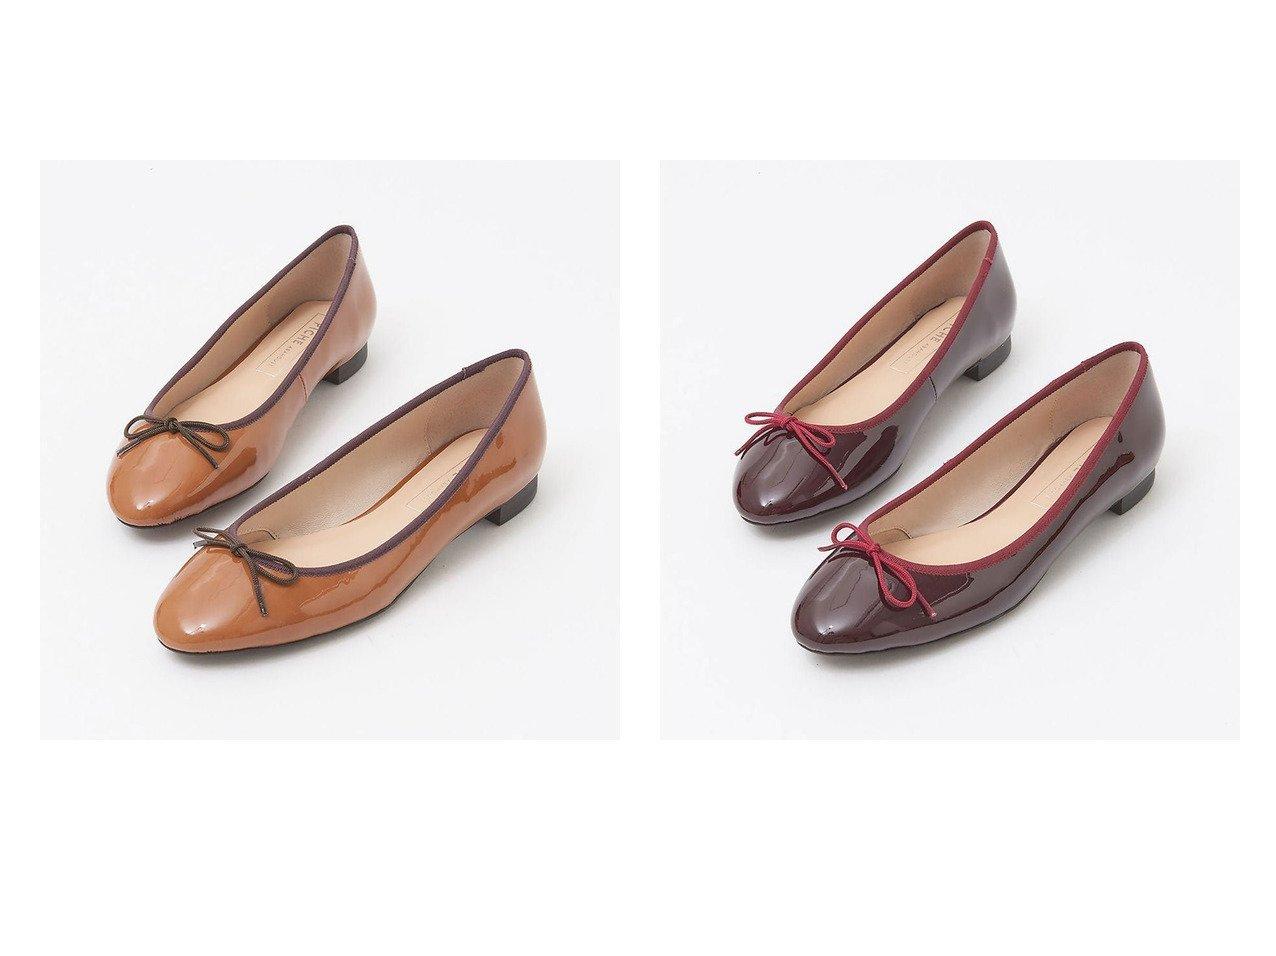 【Piche Abahouse/ピシェ アバハウス】の【晴雨兼用】ラウンドバレエシューズ シューズ・靴のおすすめ!人気、トレンド・レディースファッションの通販 おすすめで人気の流行・トレンド、ファッションの通販商品 メンズファッション・キッズファッション・インテリア・家具・レディースファッション・服の通販 founy(ファニー) https://founy.com/ ファッション Fashion レディースファッション WOMEN 抗菌 シューズ デニム 人気 バレエ ボトム A/W 秋冬 AW Autumn/Winter / FW Fall-Winter |ID:crp329100000016318